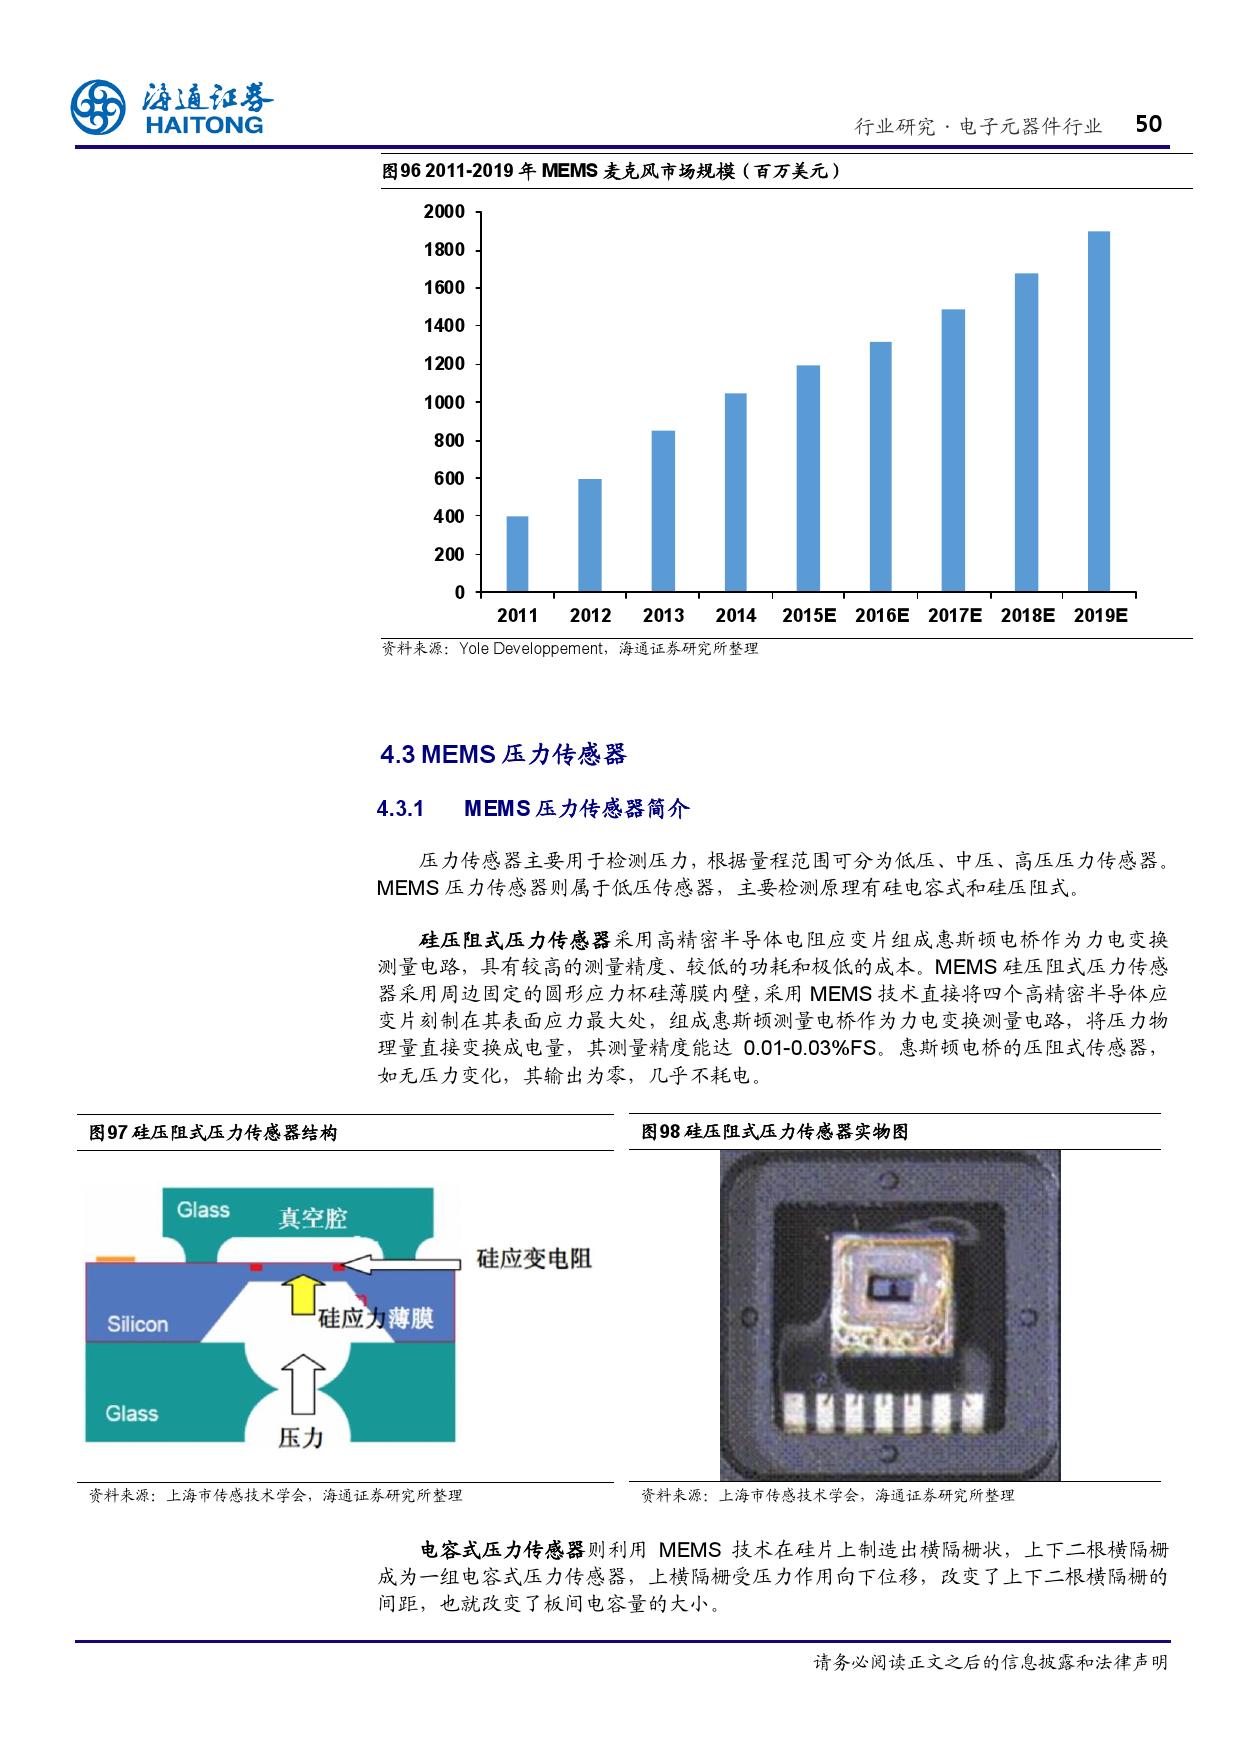 报告全解传感器全球产业链_000050